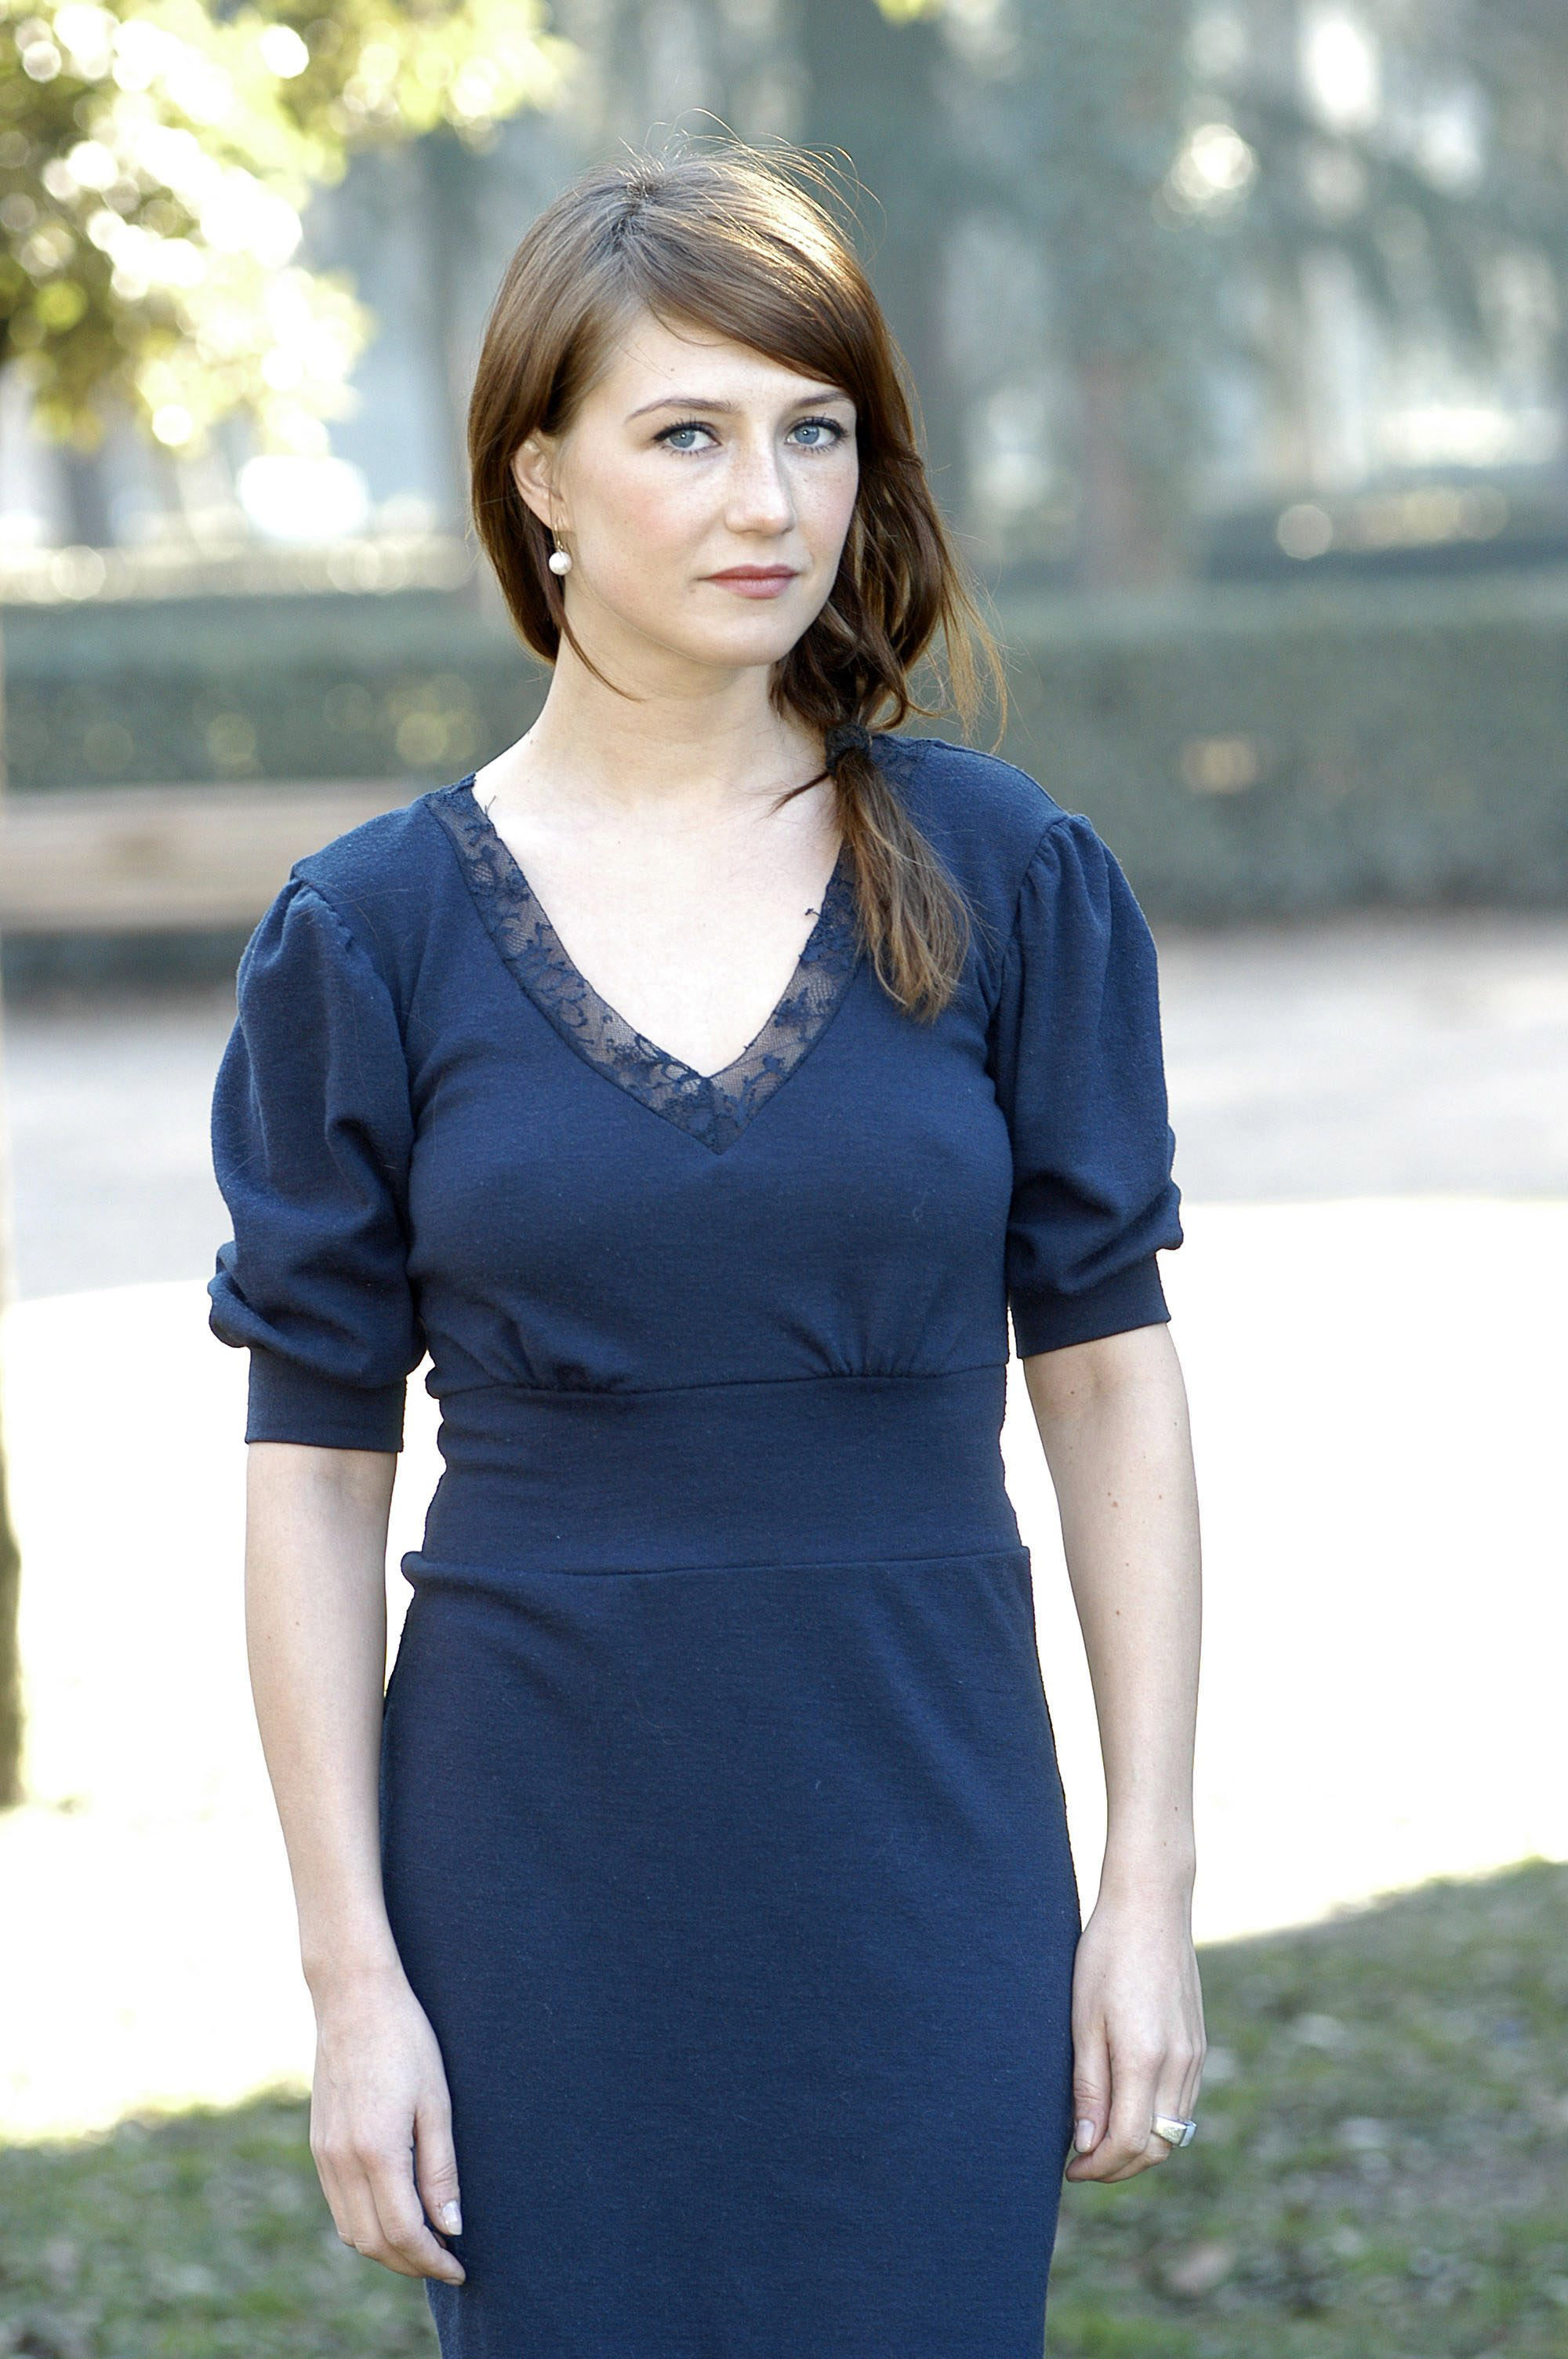 Carice Anouk Van Houten